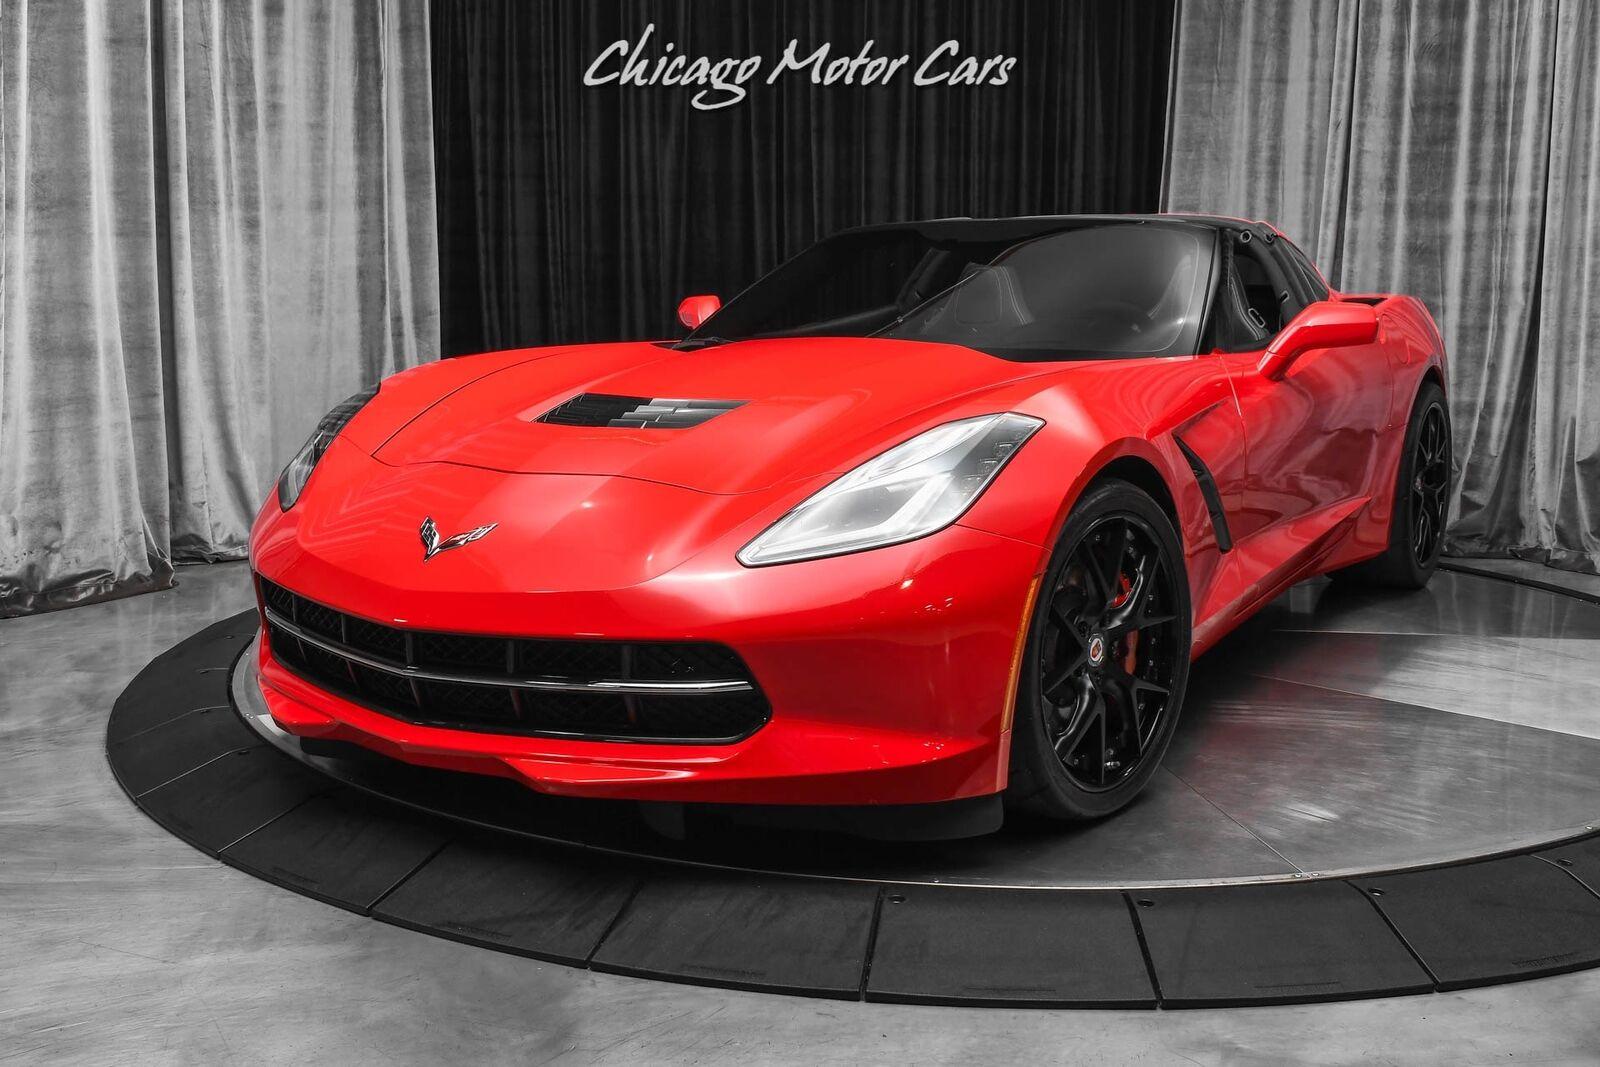 2014 Red Chevrolet Corvette Stingray 2LT | C7 Corvette Photo 2